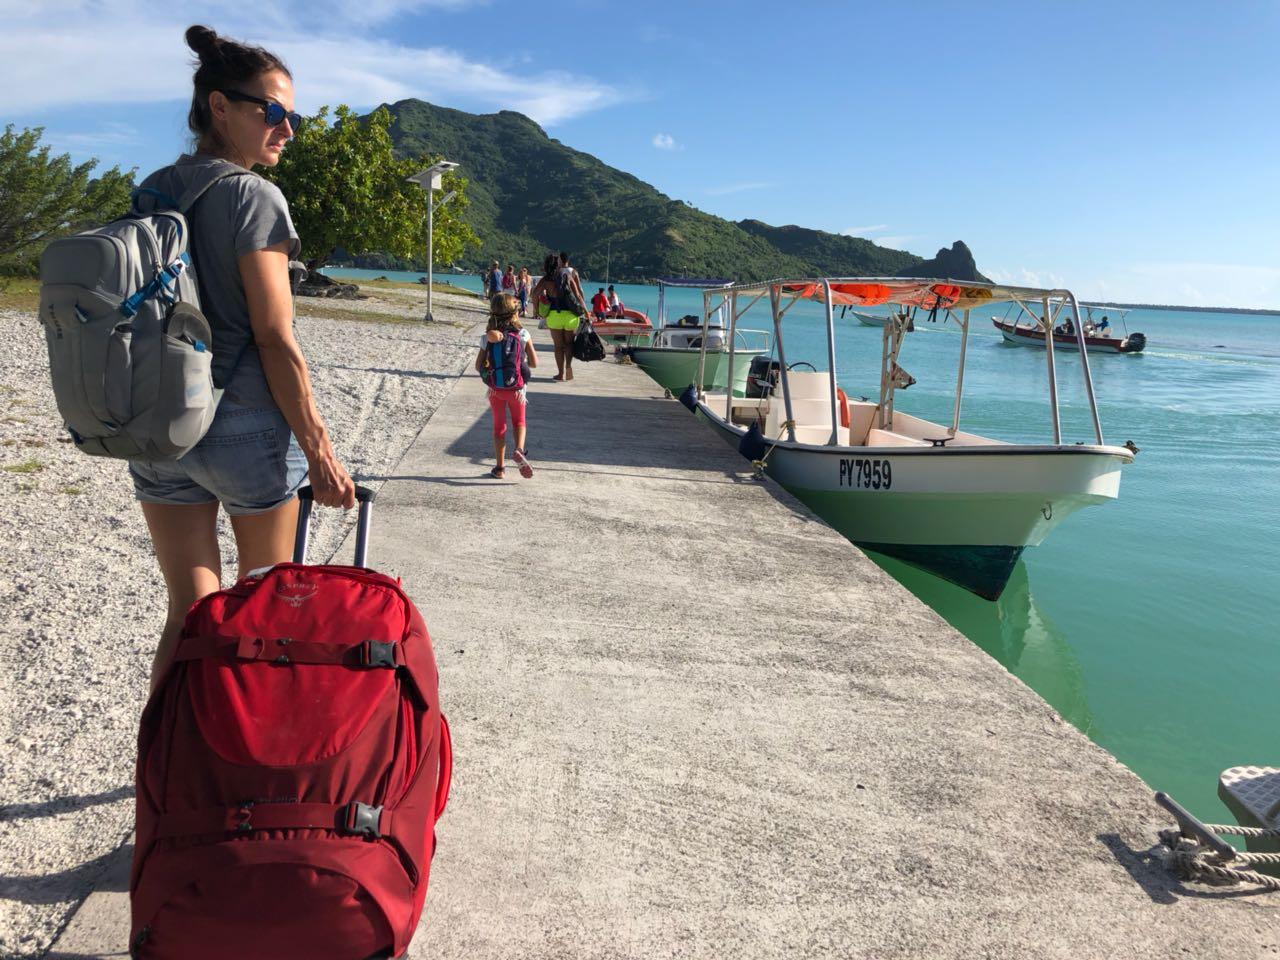 Auf dem Weg zum Abholboot, Maupiti